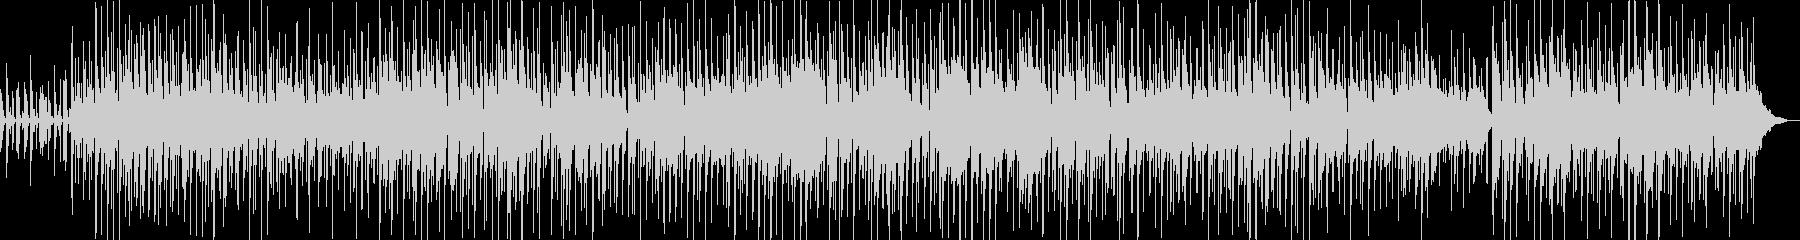 シンプルで穏やかなアコースティックの未再生の波形